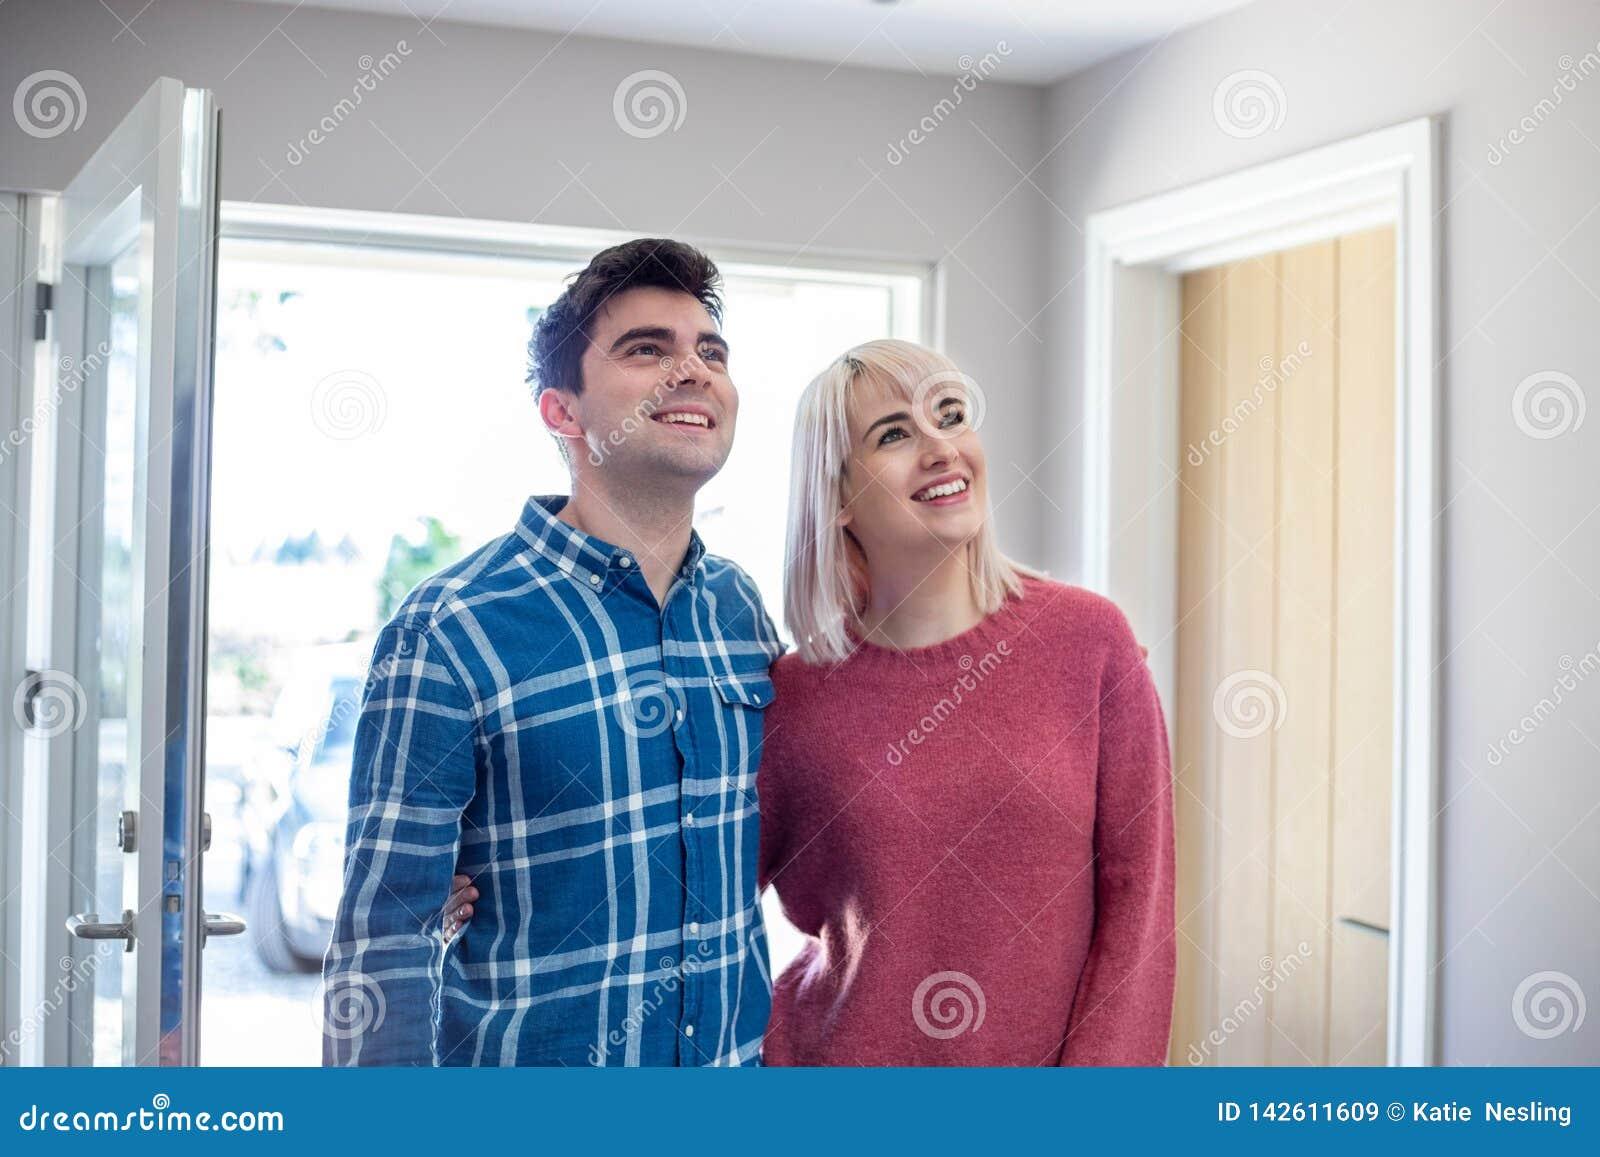 Les jeunes couplent le regard autour de la nouvelle maison à louer ou acheter ensemble